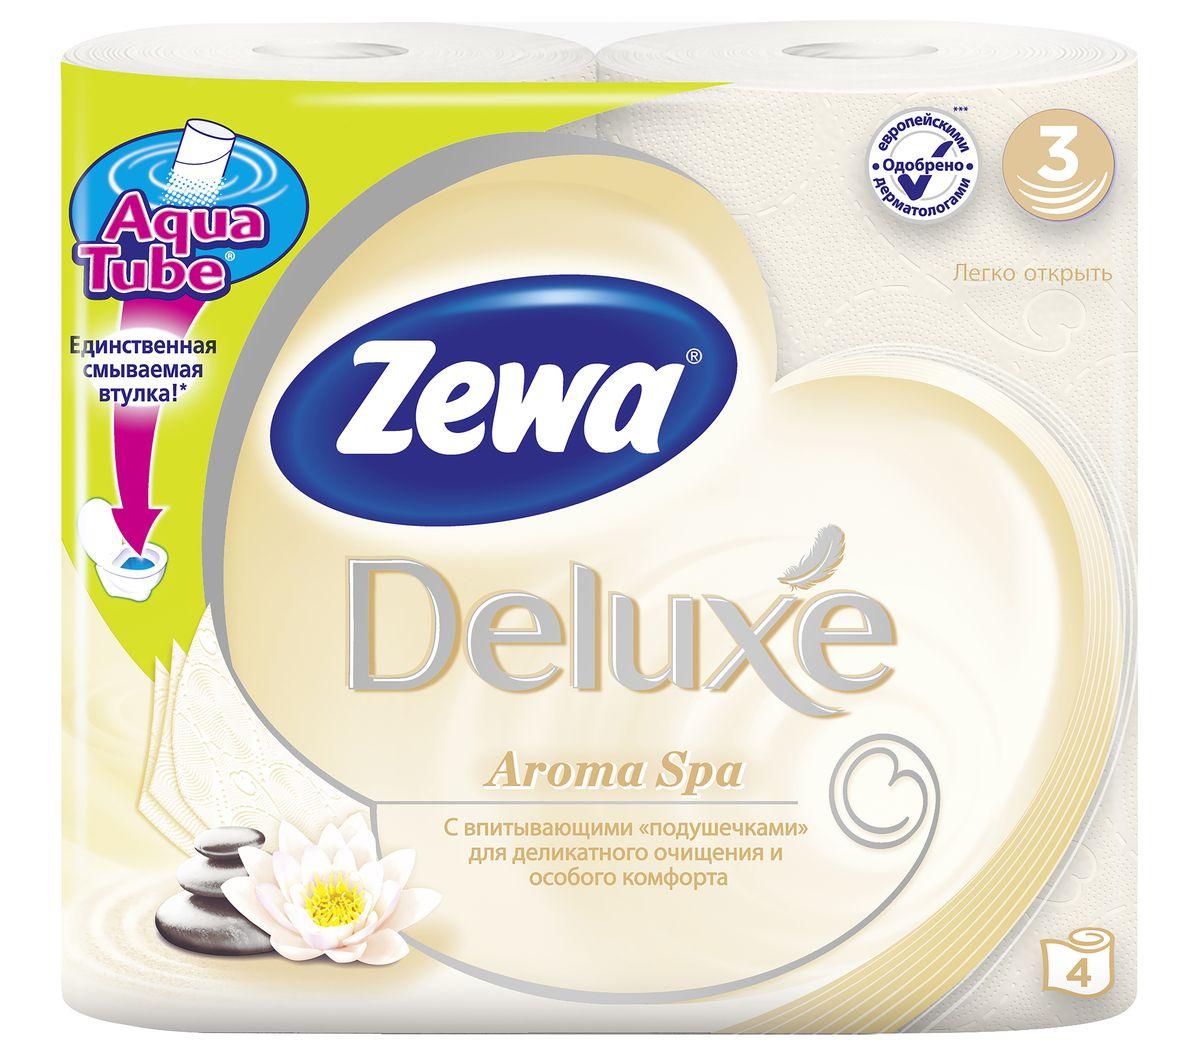 Туалетная бумага Zewa Deluxe АромаСпа, 3 слоя, 4 рулона5361-50Подарите себе удовольствие от ежедневного ухода за собой. Zewa Deluxe с новыми впитывающими подушечками деликатно очищает и нежно заботится о вашей коже. Мягкость, Забота, Комфорт – вашей коже это понравится! Сенсация! Со смываемой втулкой Aqua Tube! 3-х слойная туалетная бумага цвета шампань с тонким ароматом ароматического масла 4 рулона в упаковке Состав: вторичное волокно Производство: Россия